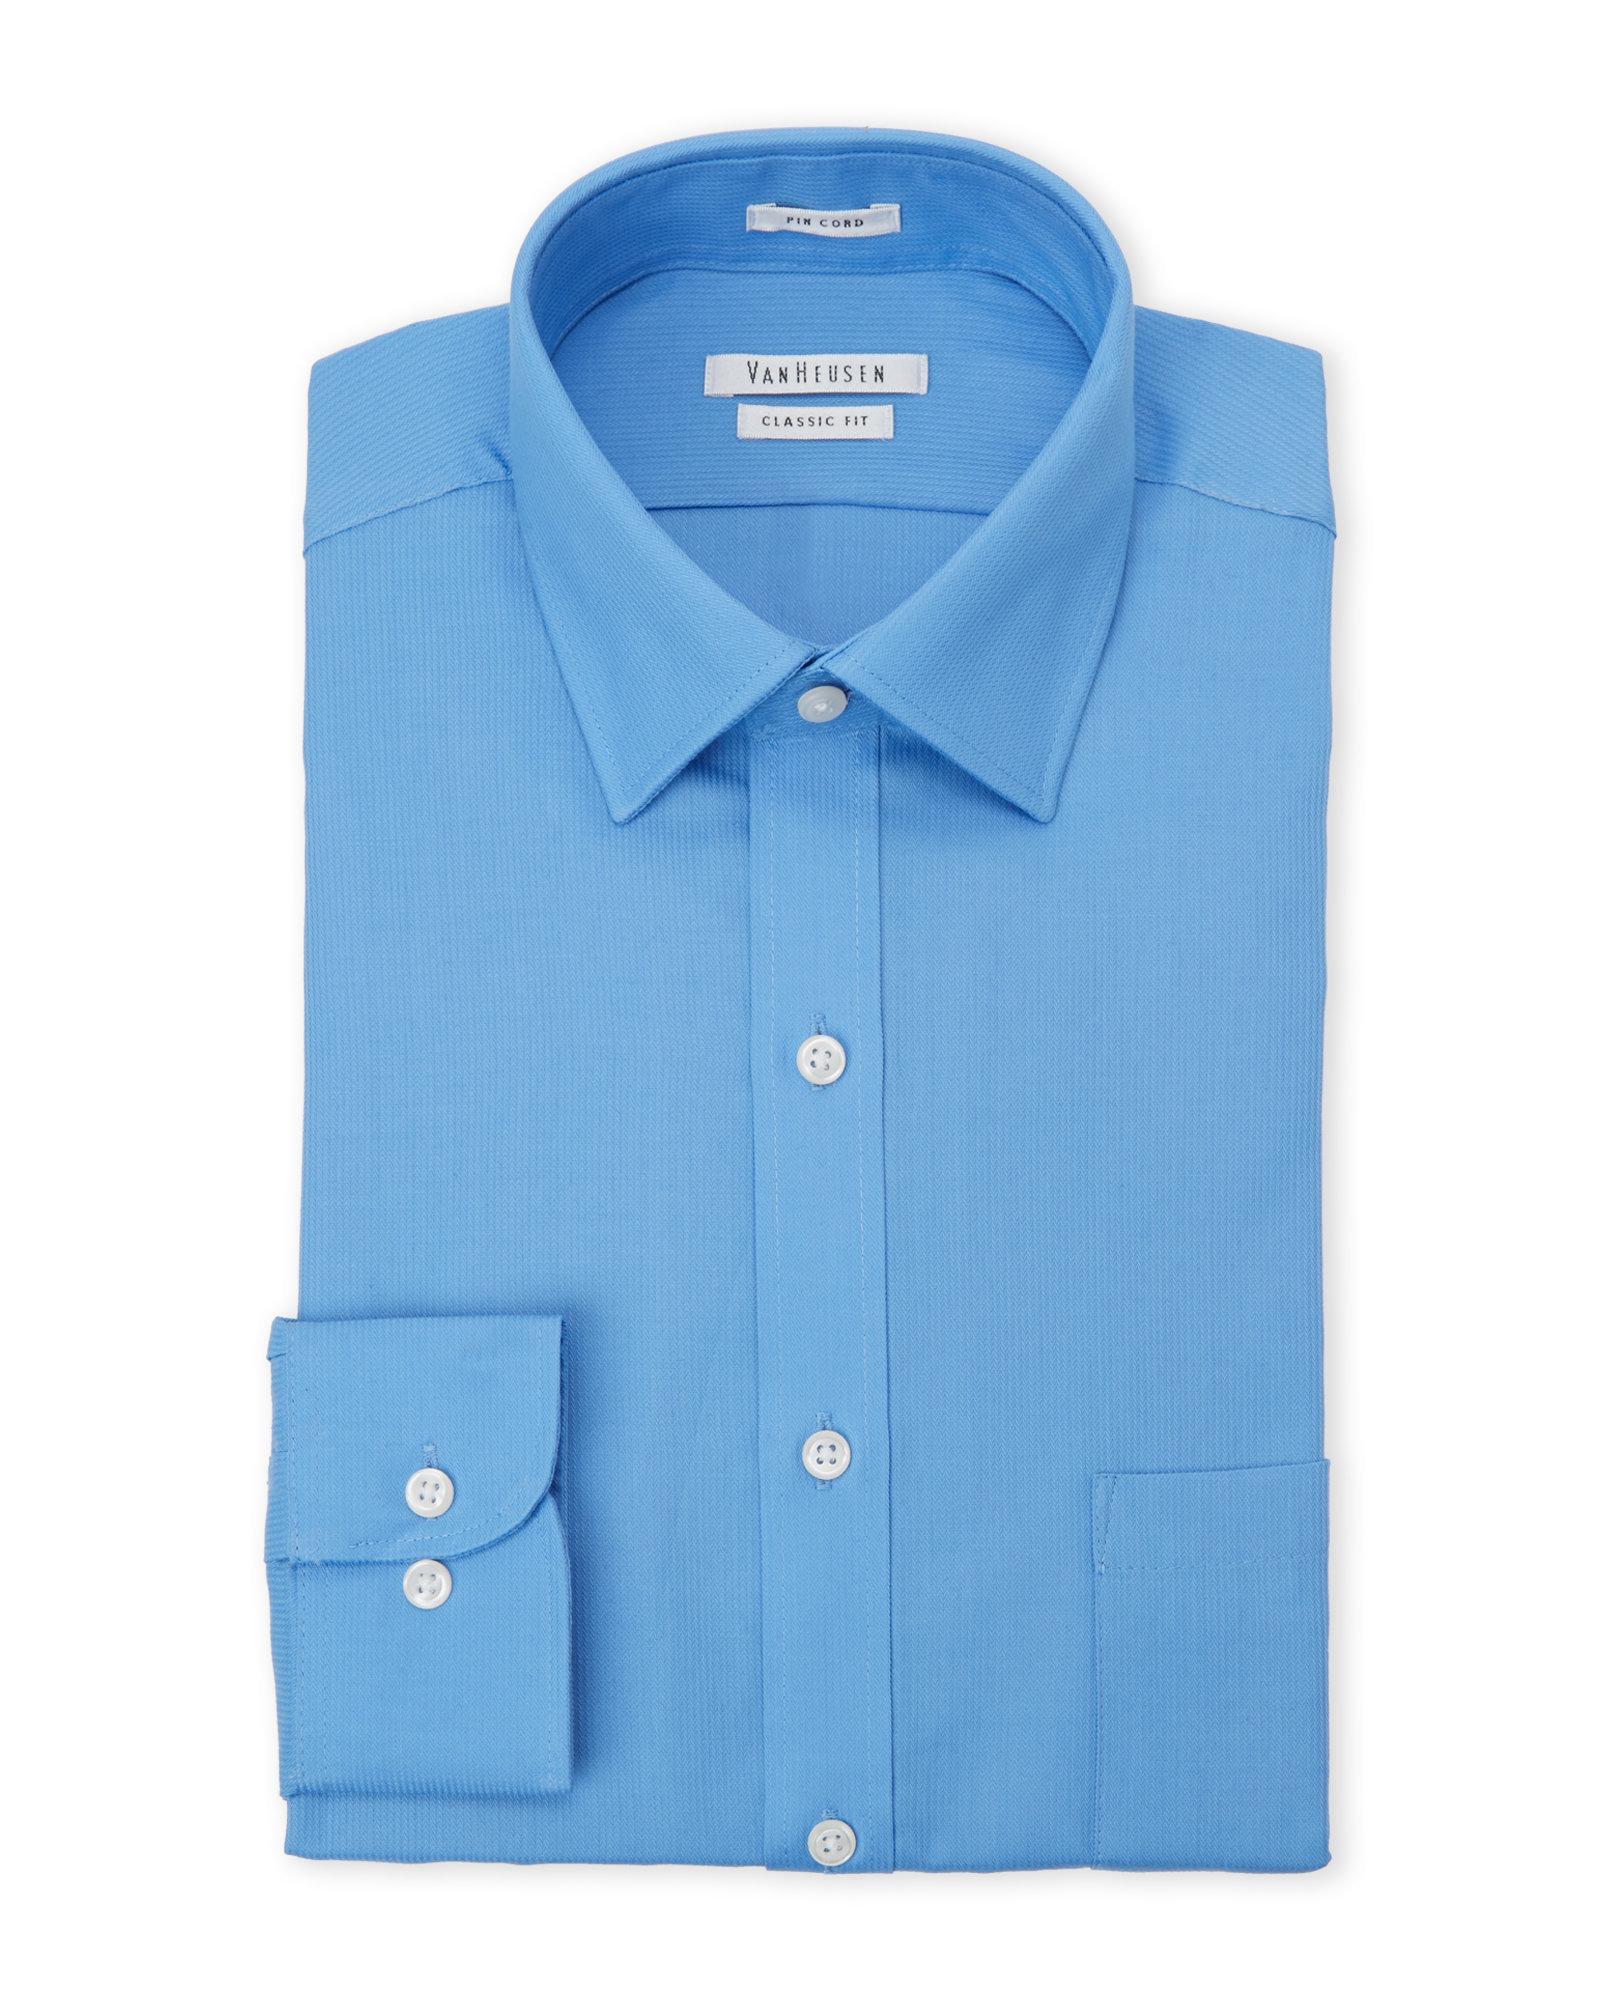 Van heusen blue pincord regular fit dress shirt in blue for Van heusen men s regular fit pincord dress shirt